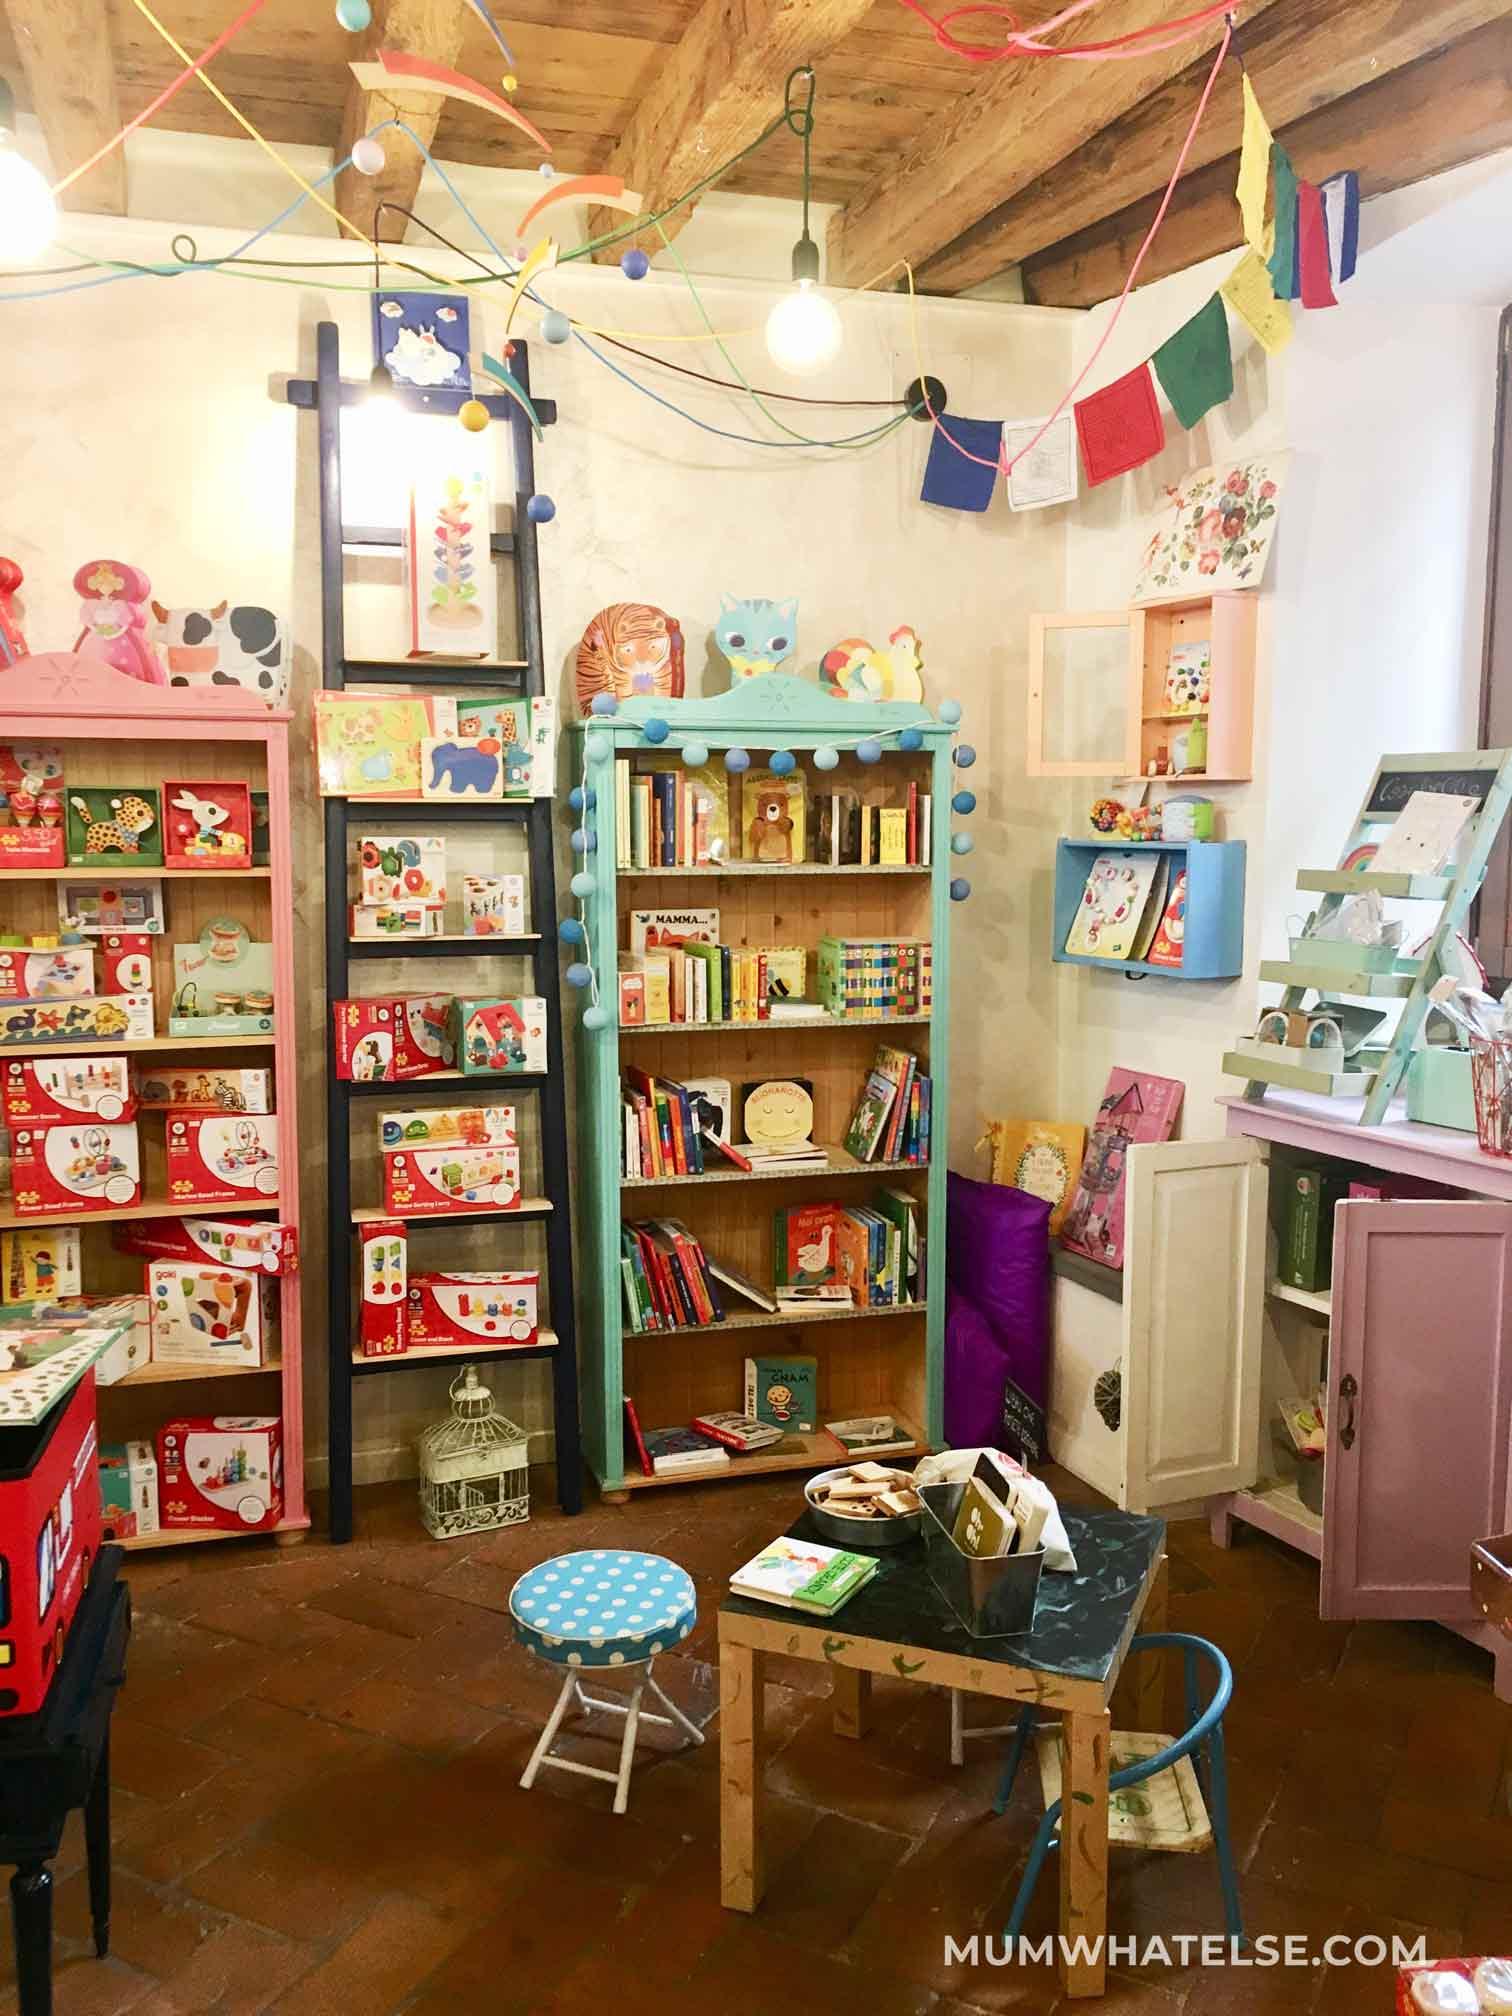 interno di un negozio di giocattoli con librerie e un tavolino per giocare